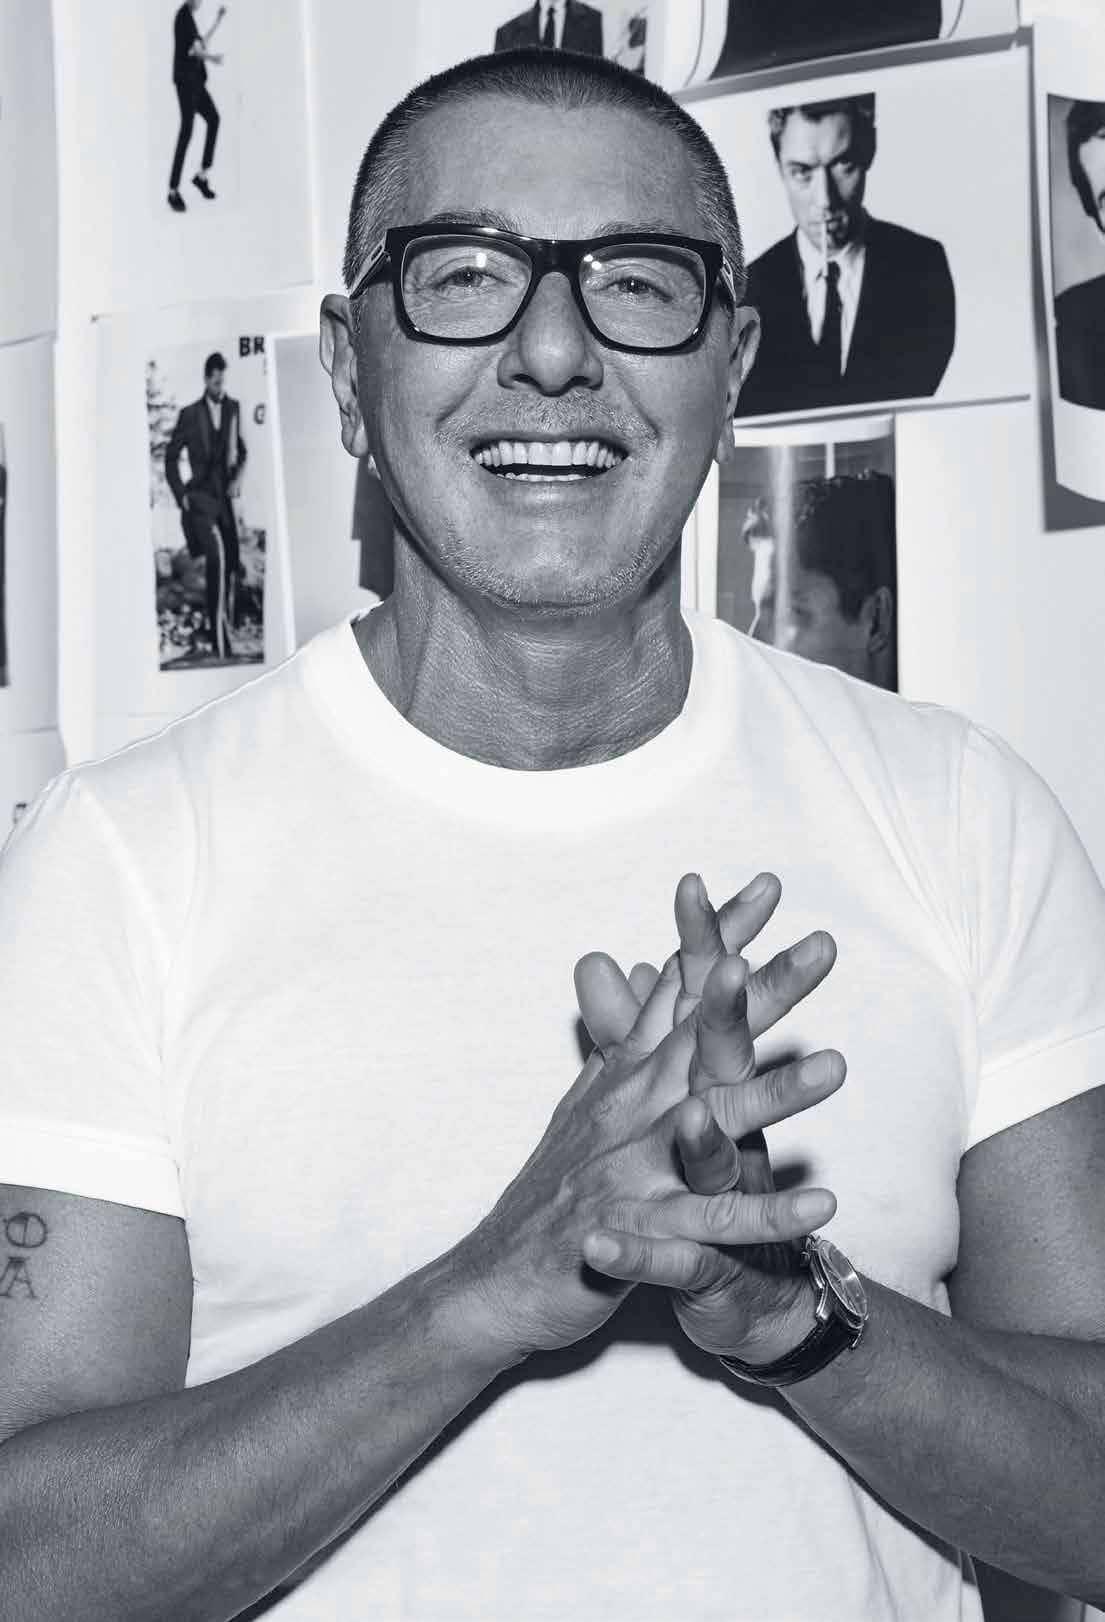 Dolce & Gabbana – Un par inigualable